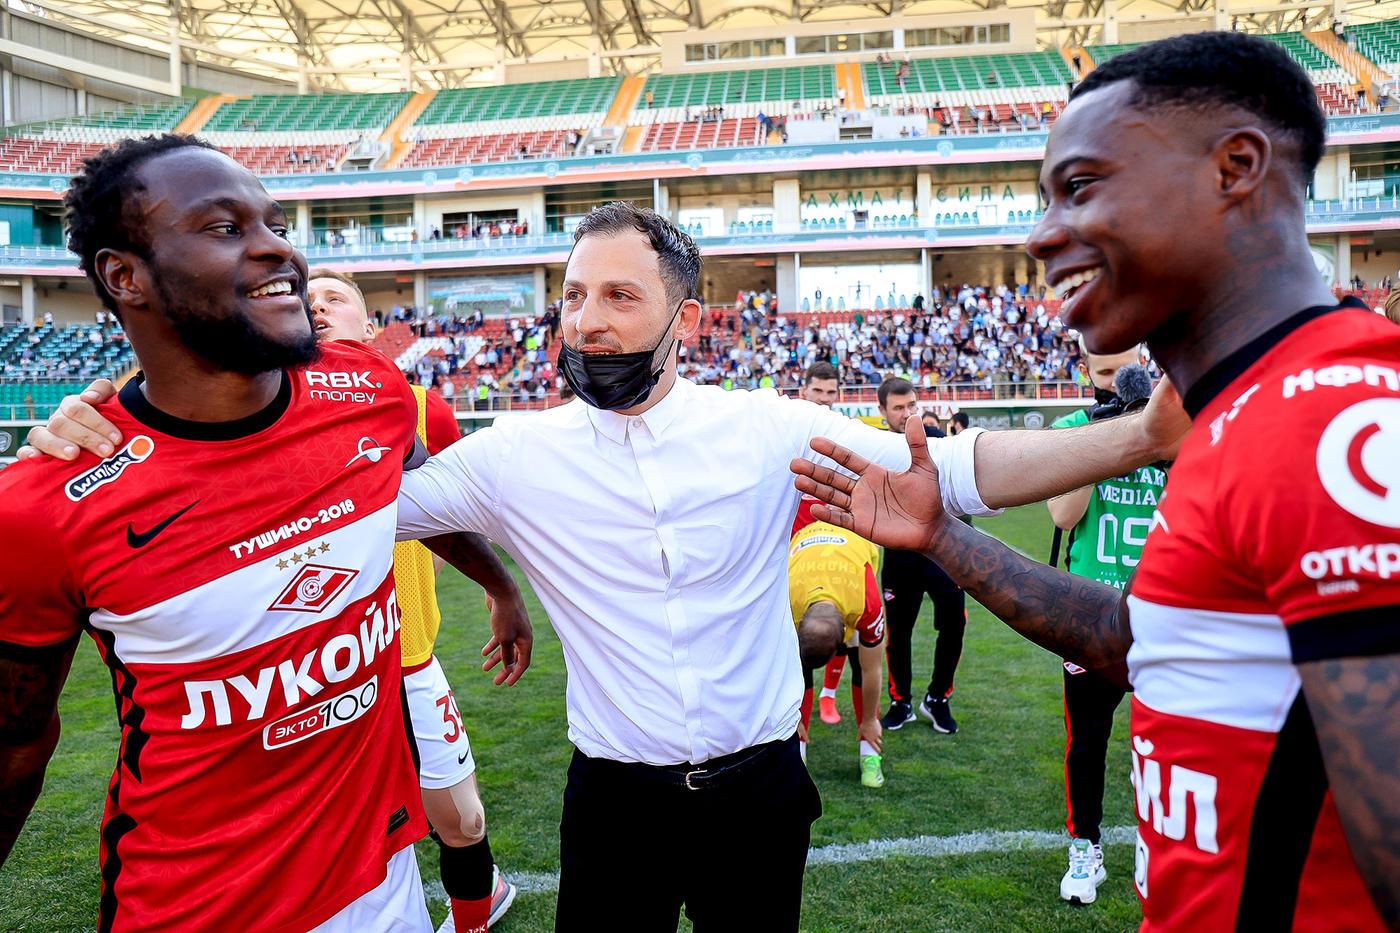 Доменико Тедеско рассказал, какую команду будет тренировать после «Спартака» - фото